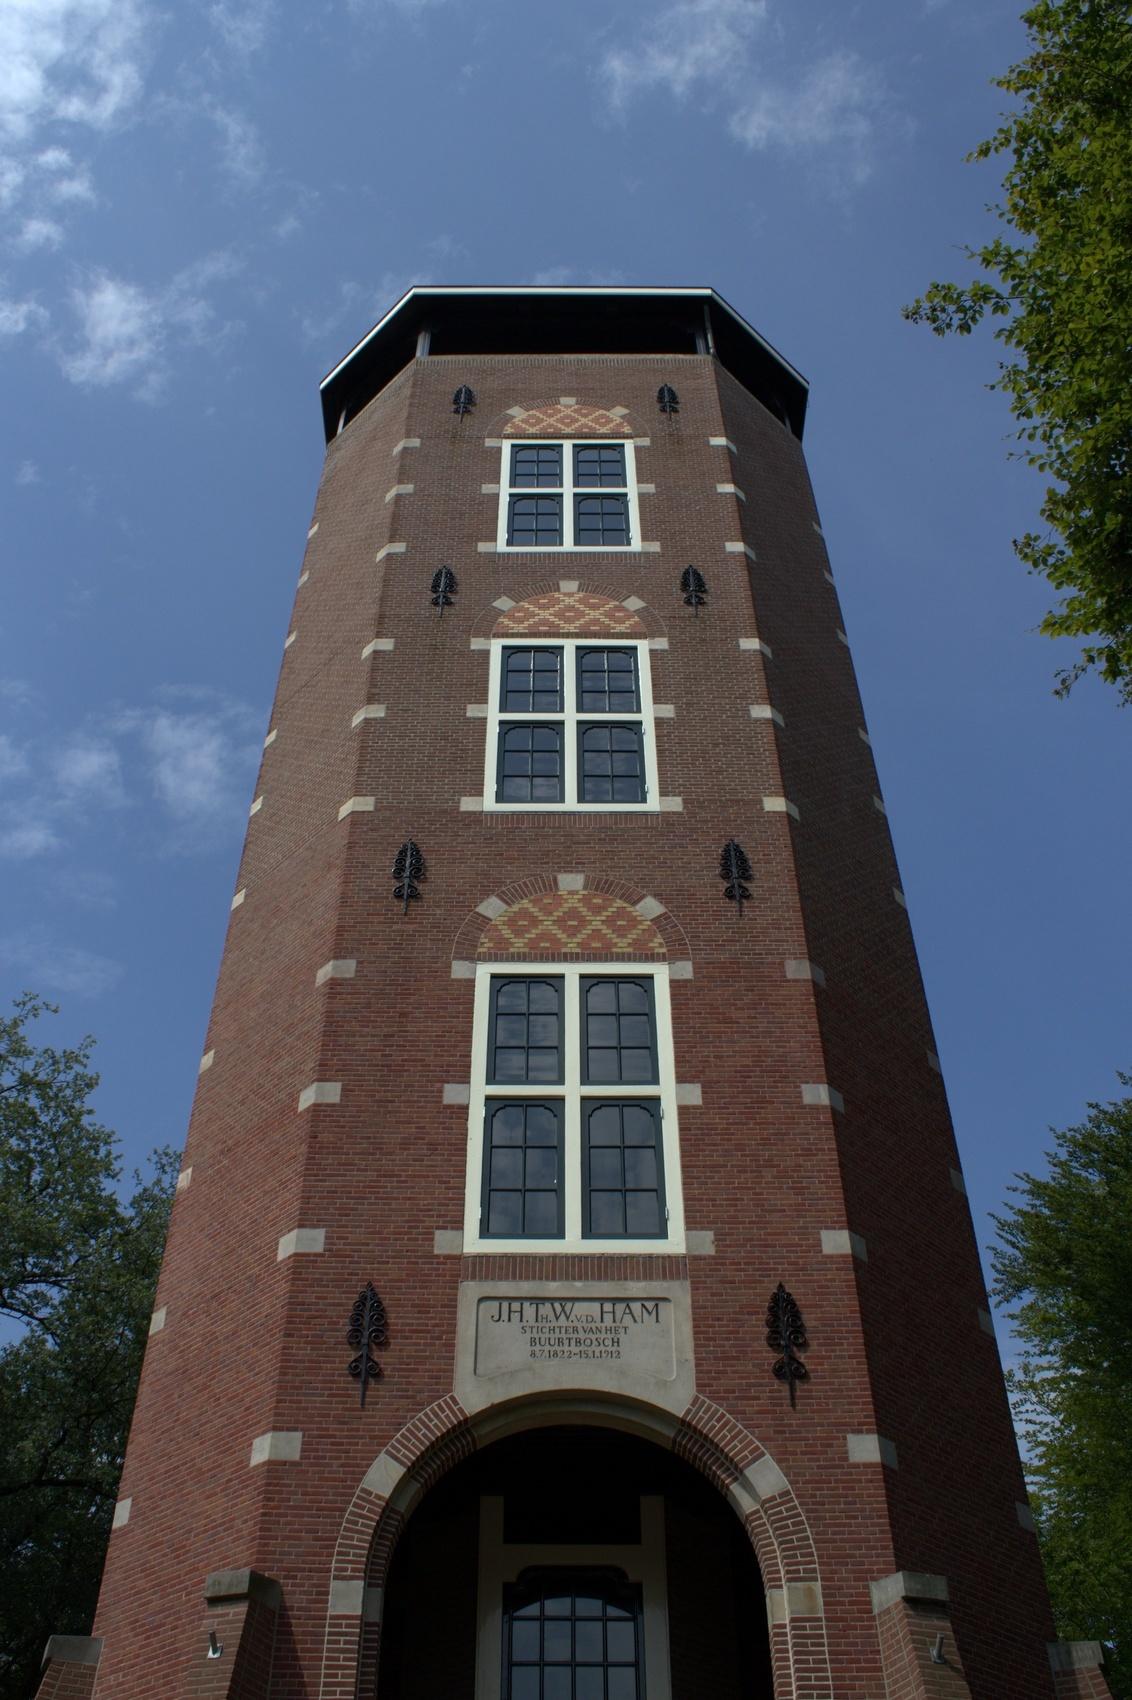 De Koepel bij Lunteren - Heel mooi gebouw, jammer dat hij niet open was, ben namelijk heel benieuwd naar het uitzicht over de Veluwe - foto door sigr op 13-07-2011 - deze foto bevat: lunteren, uitzichttoren